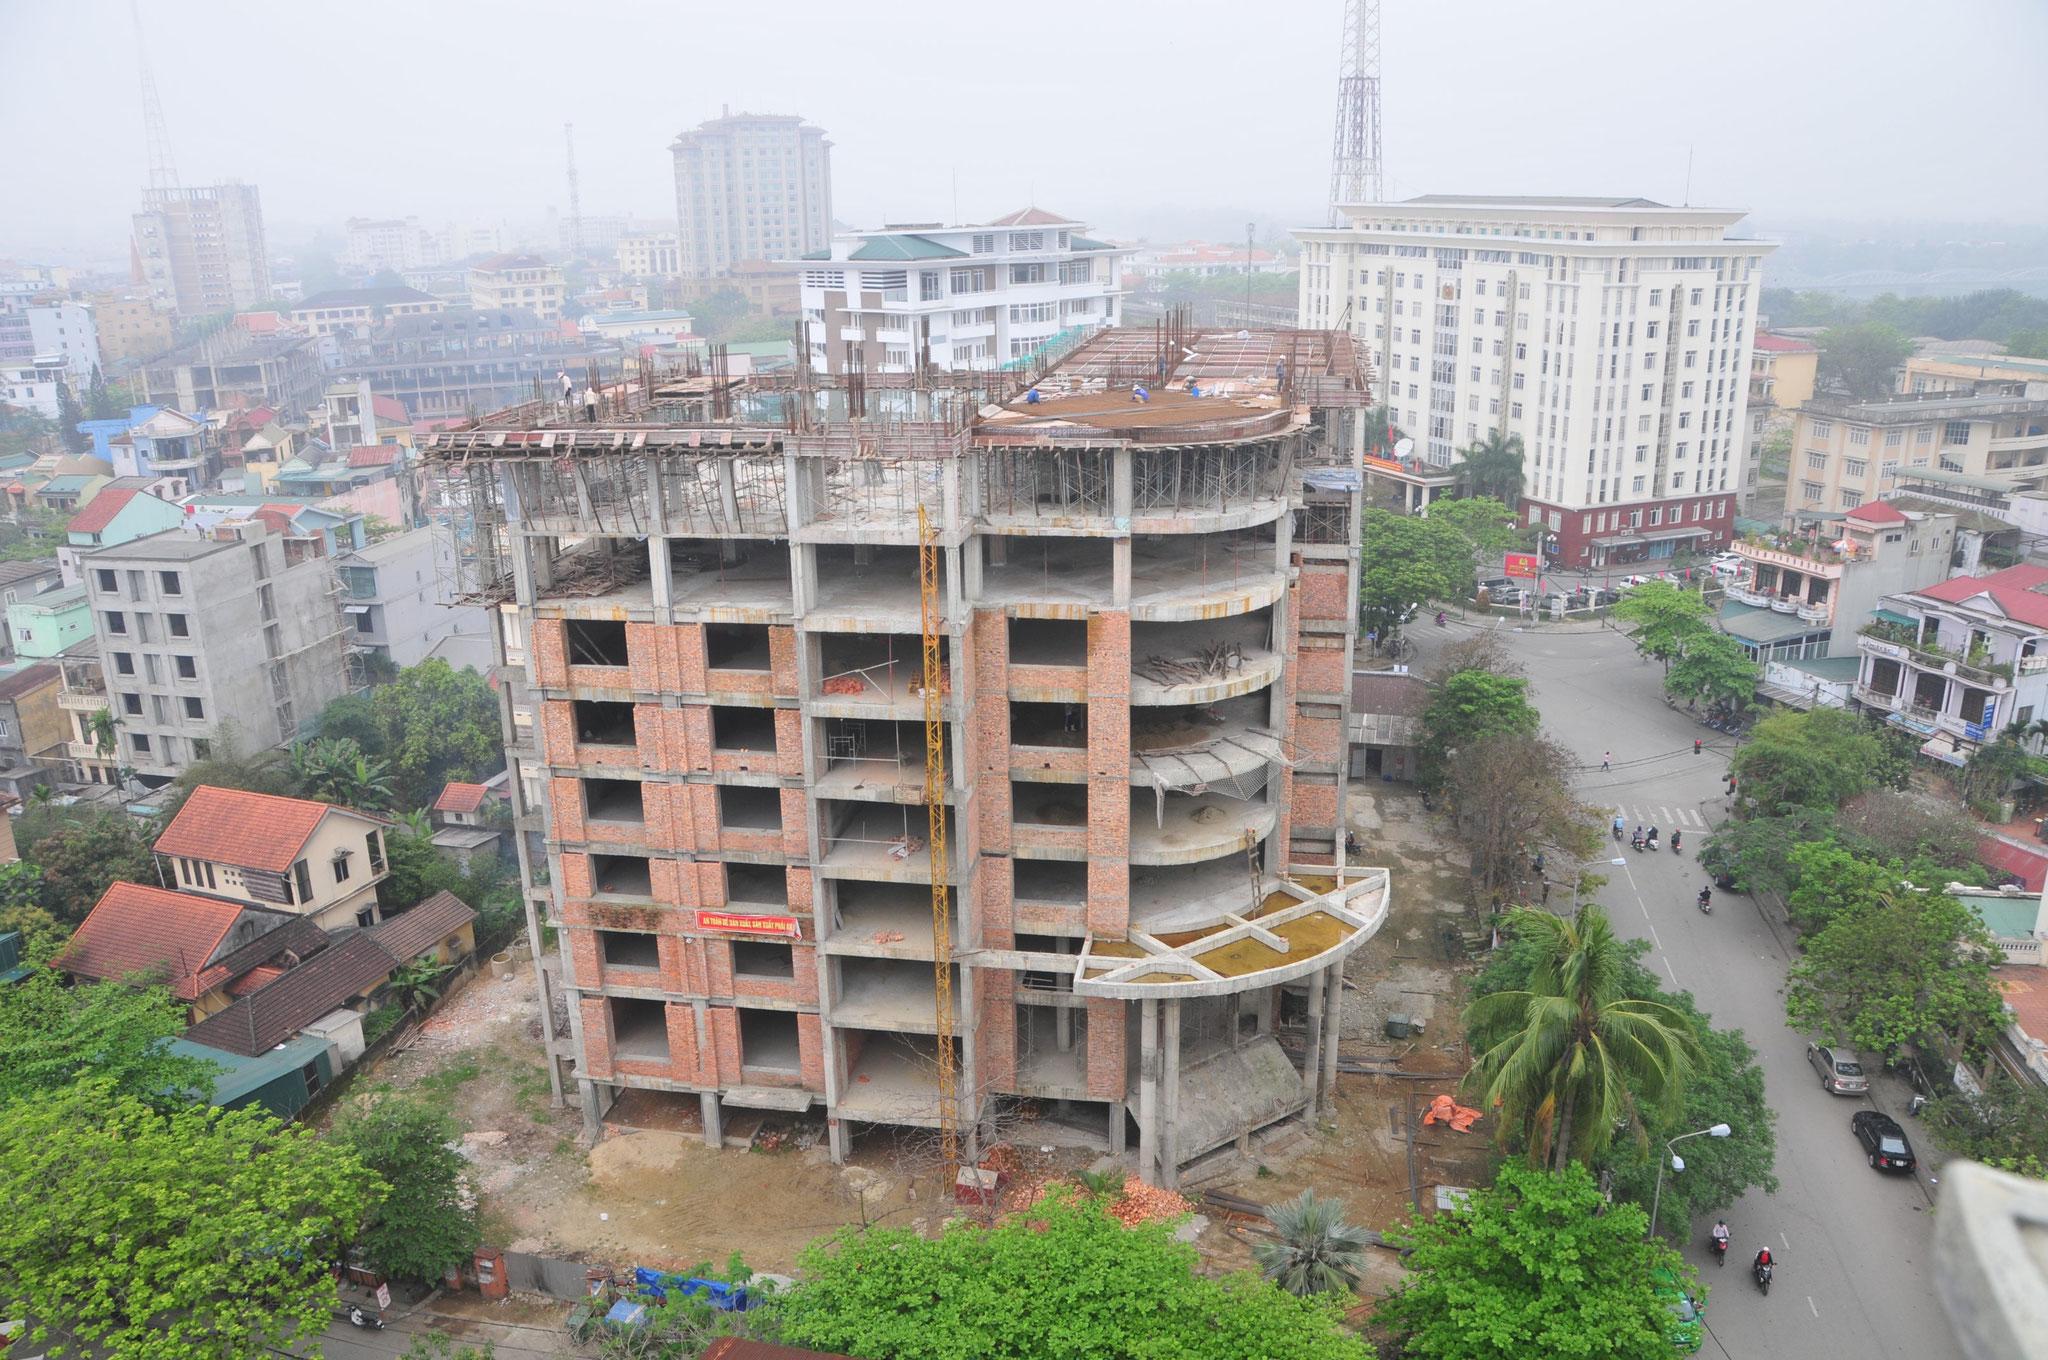 Ankunft in HoChiMinh-City (Saigon) - Die Baustelle neben unserem Hotel